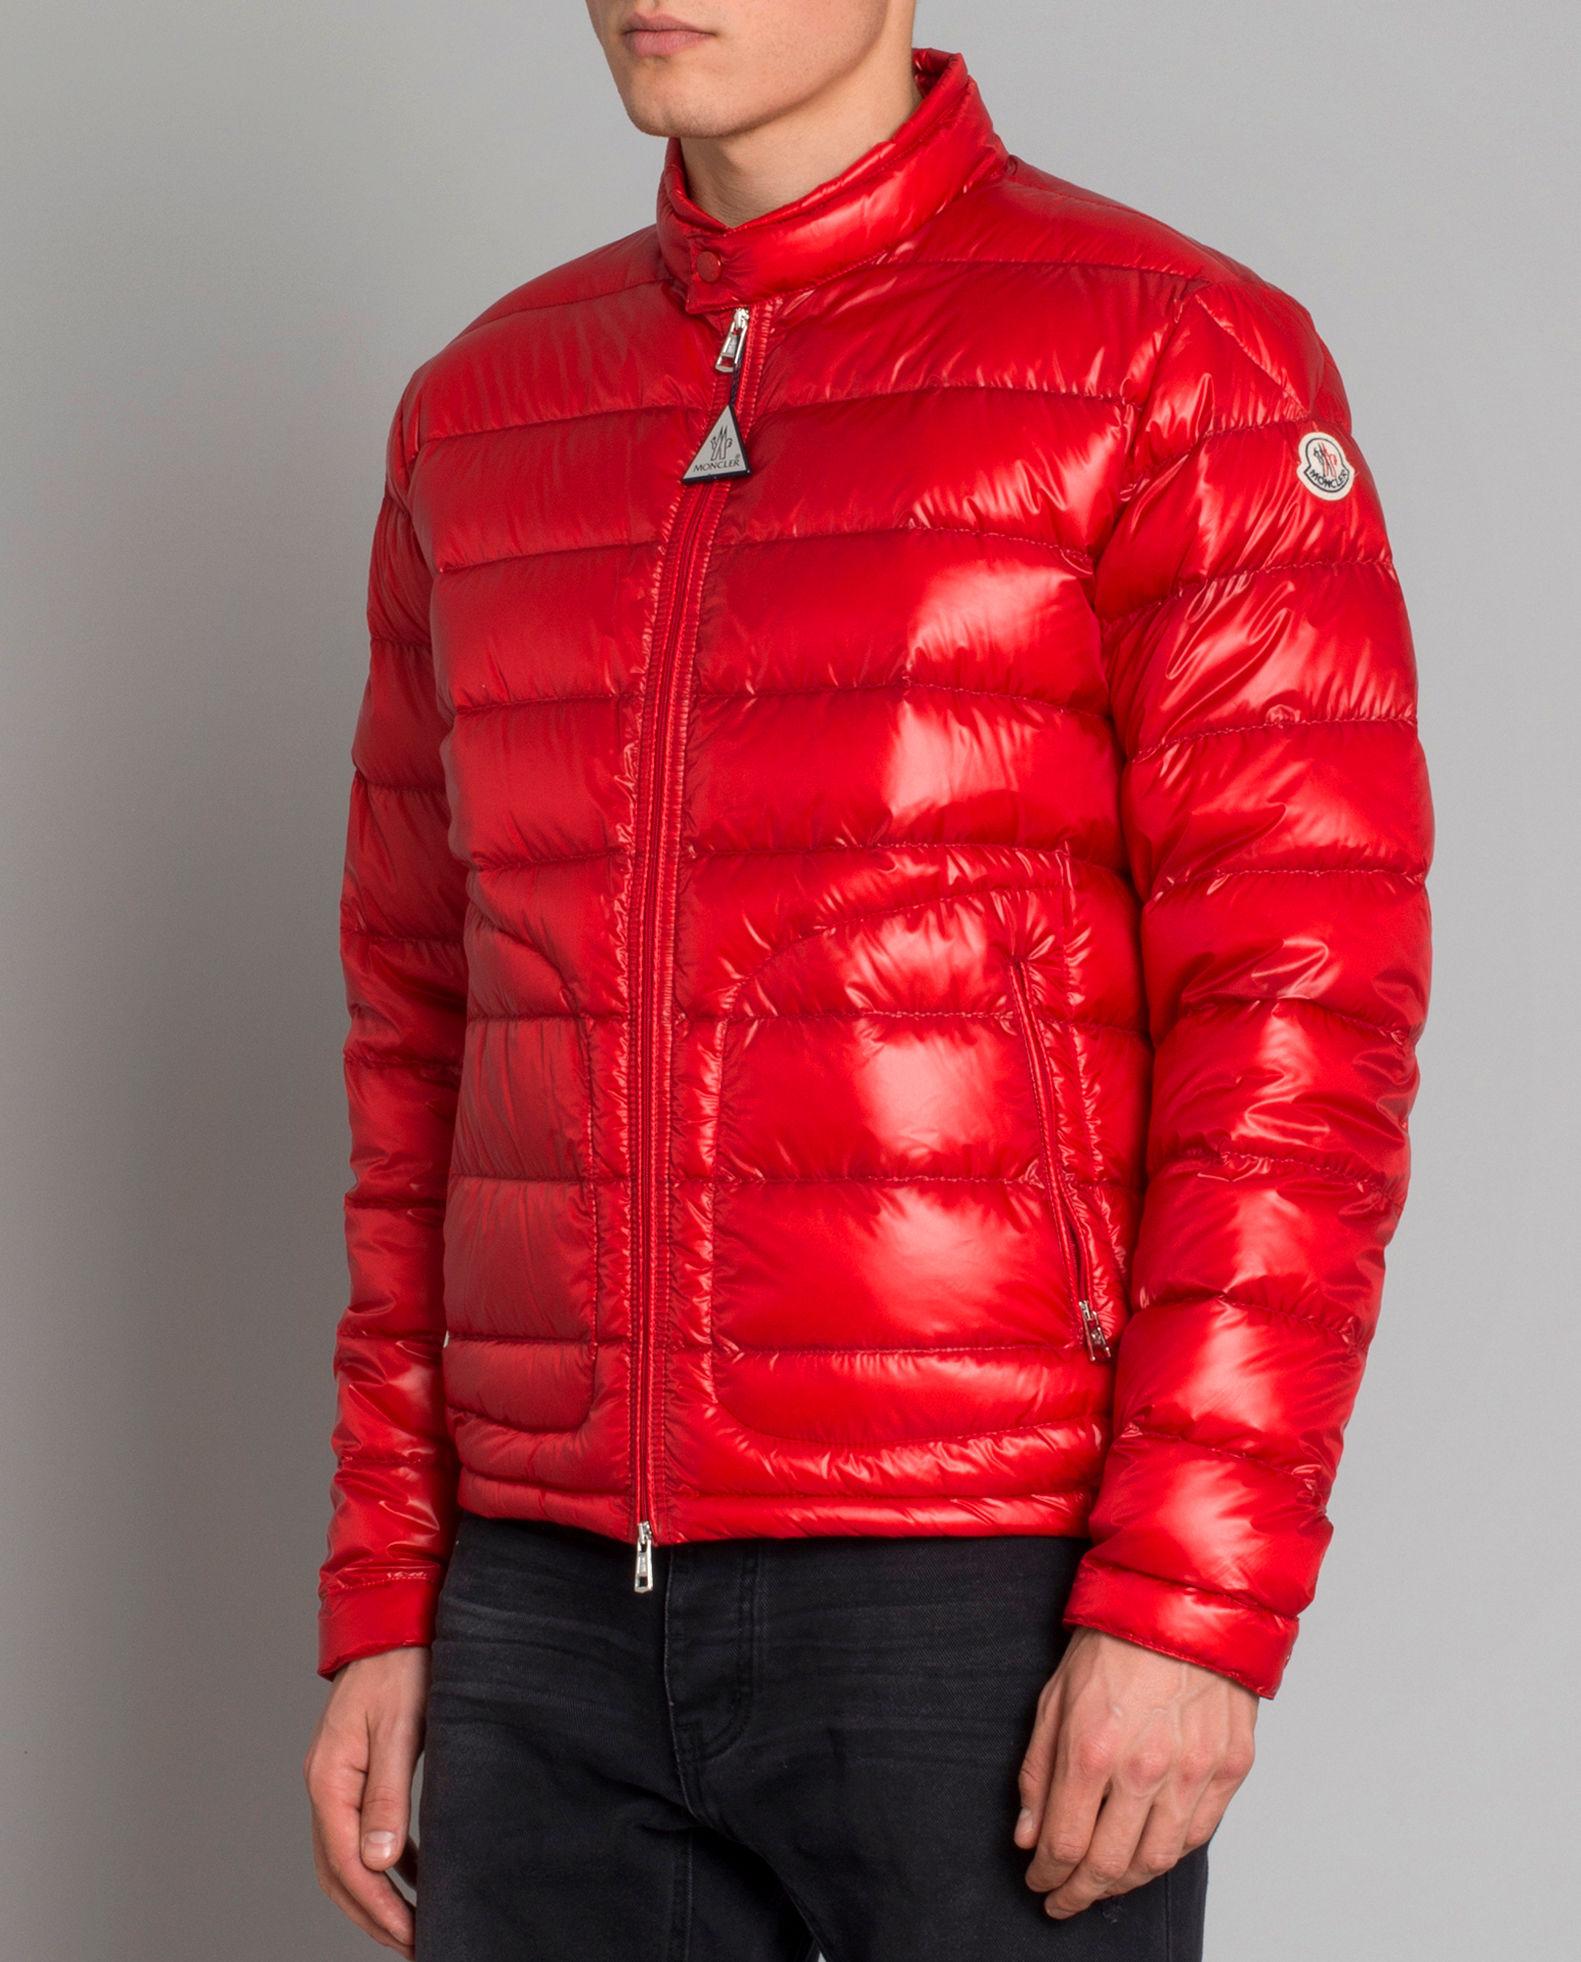 2b2e5d5f63213 Czerwona kurtka puchowa MONCLER – Kup Teraz! Najlepsze ceny i opinie ...